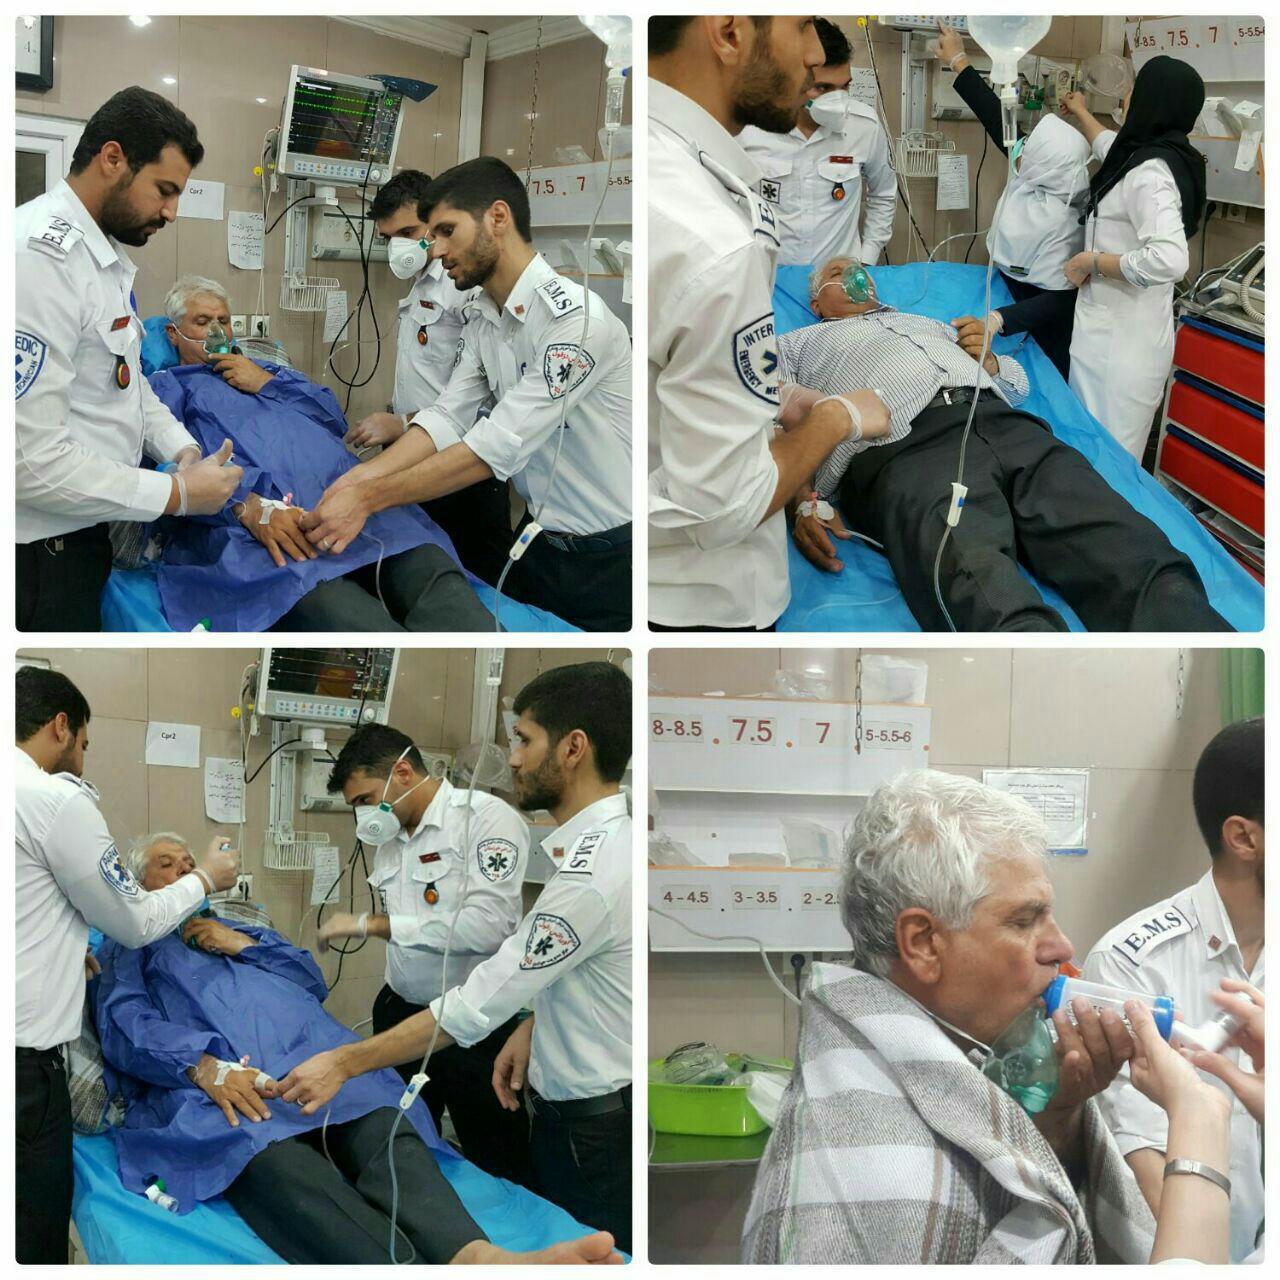 مسمومیت بیش از 400 نفر بر اثر نشت گاز کلر در دزفول / سه مسئول دزفولی در میان حادثه دیدگان / افزایش شمار حادثه دیدگان